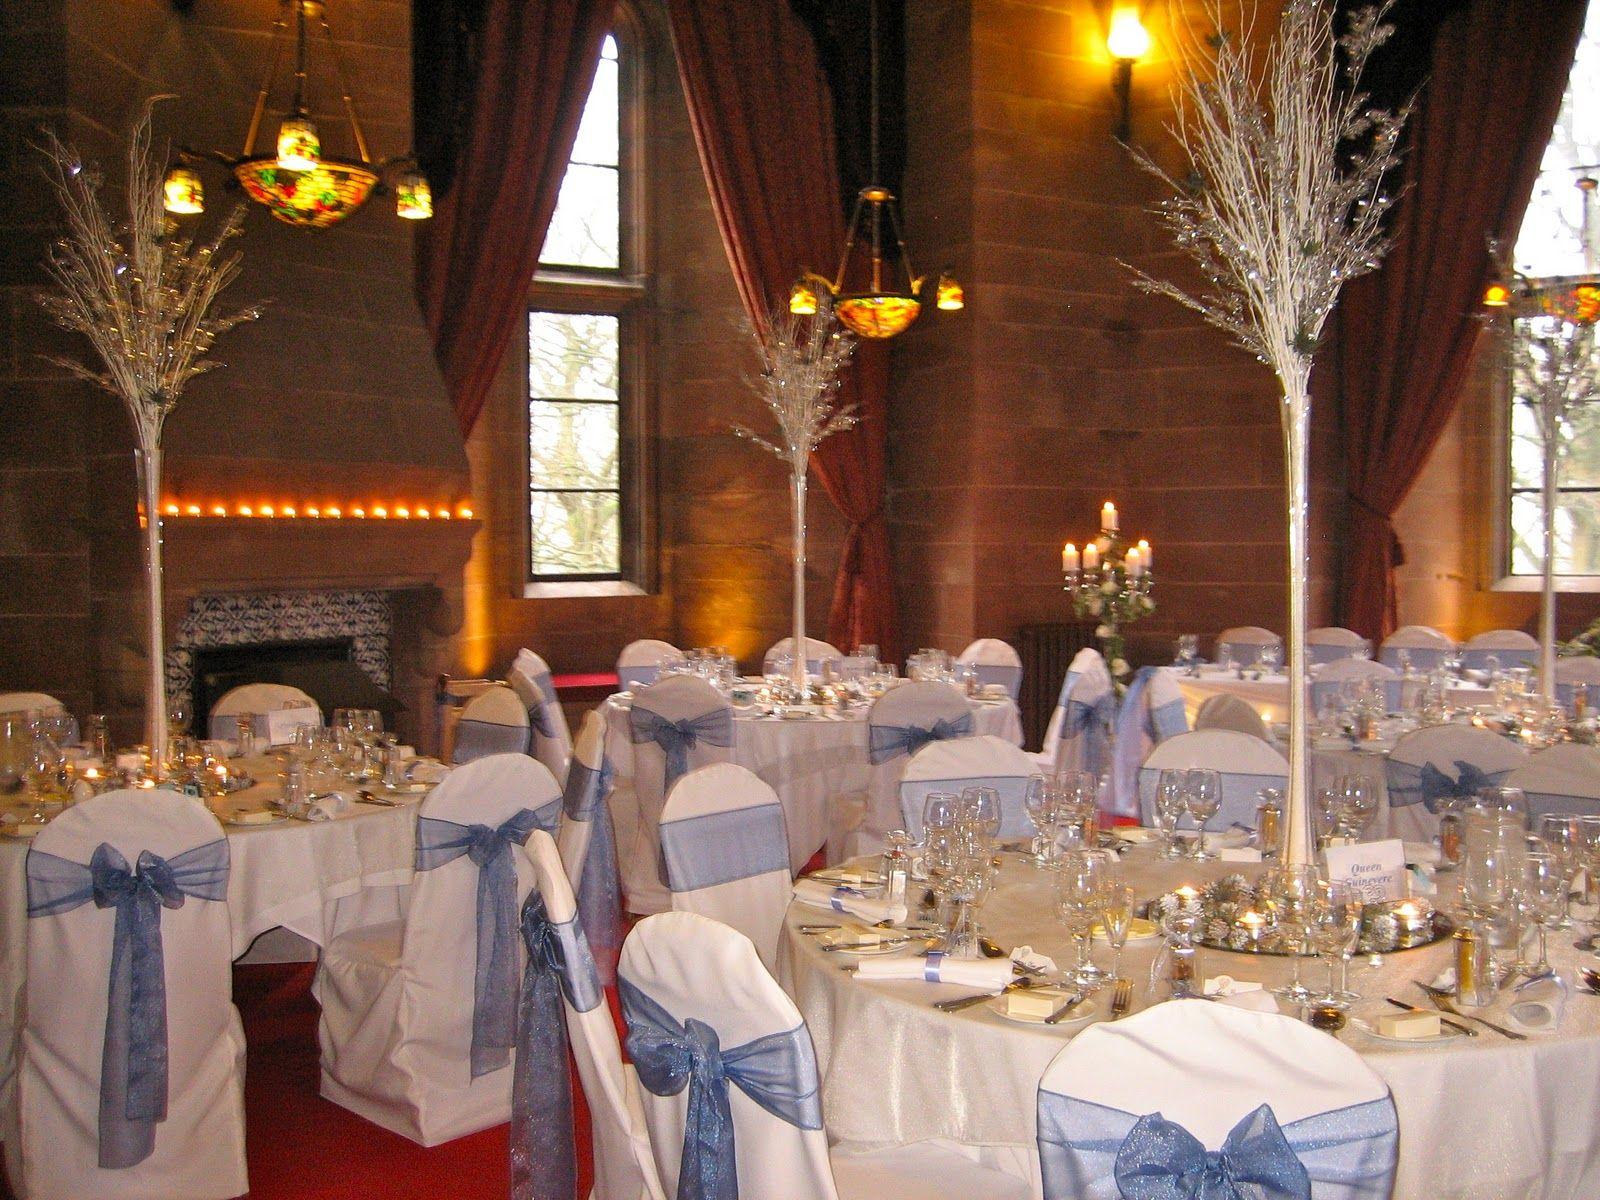 cornflower blue wedding centerpieces Stephanotis